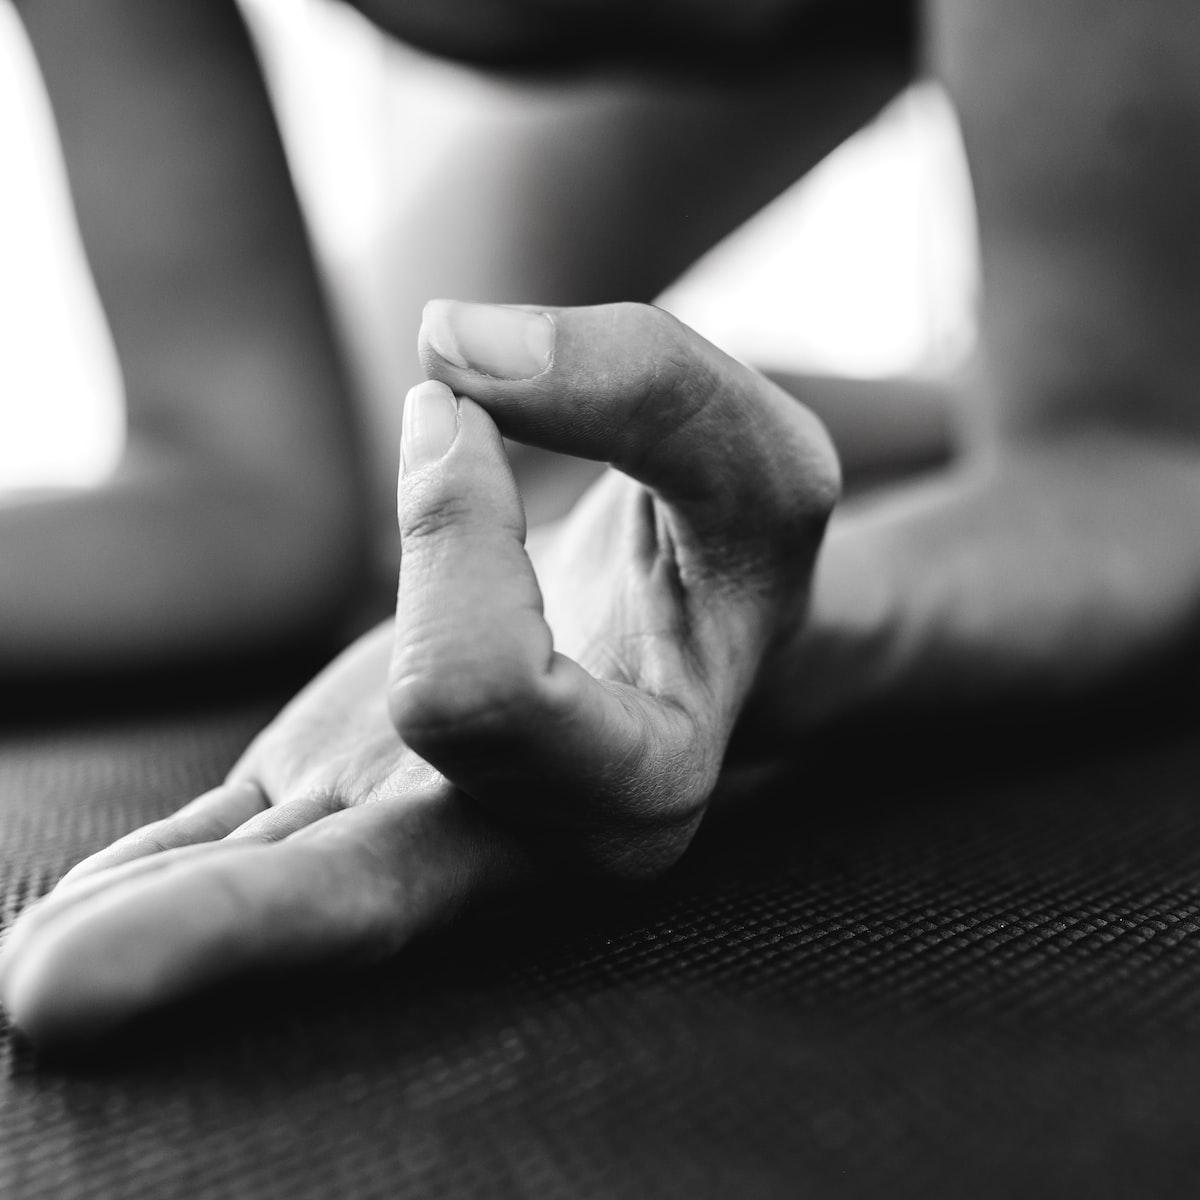 Yoga illustration photo